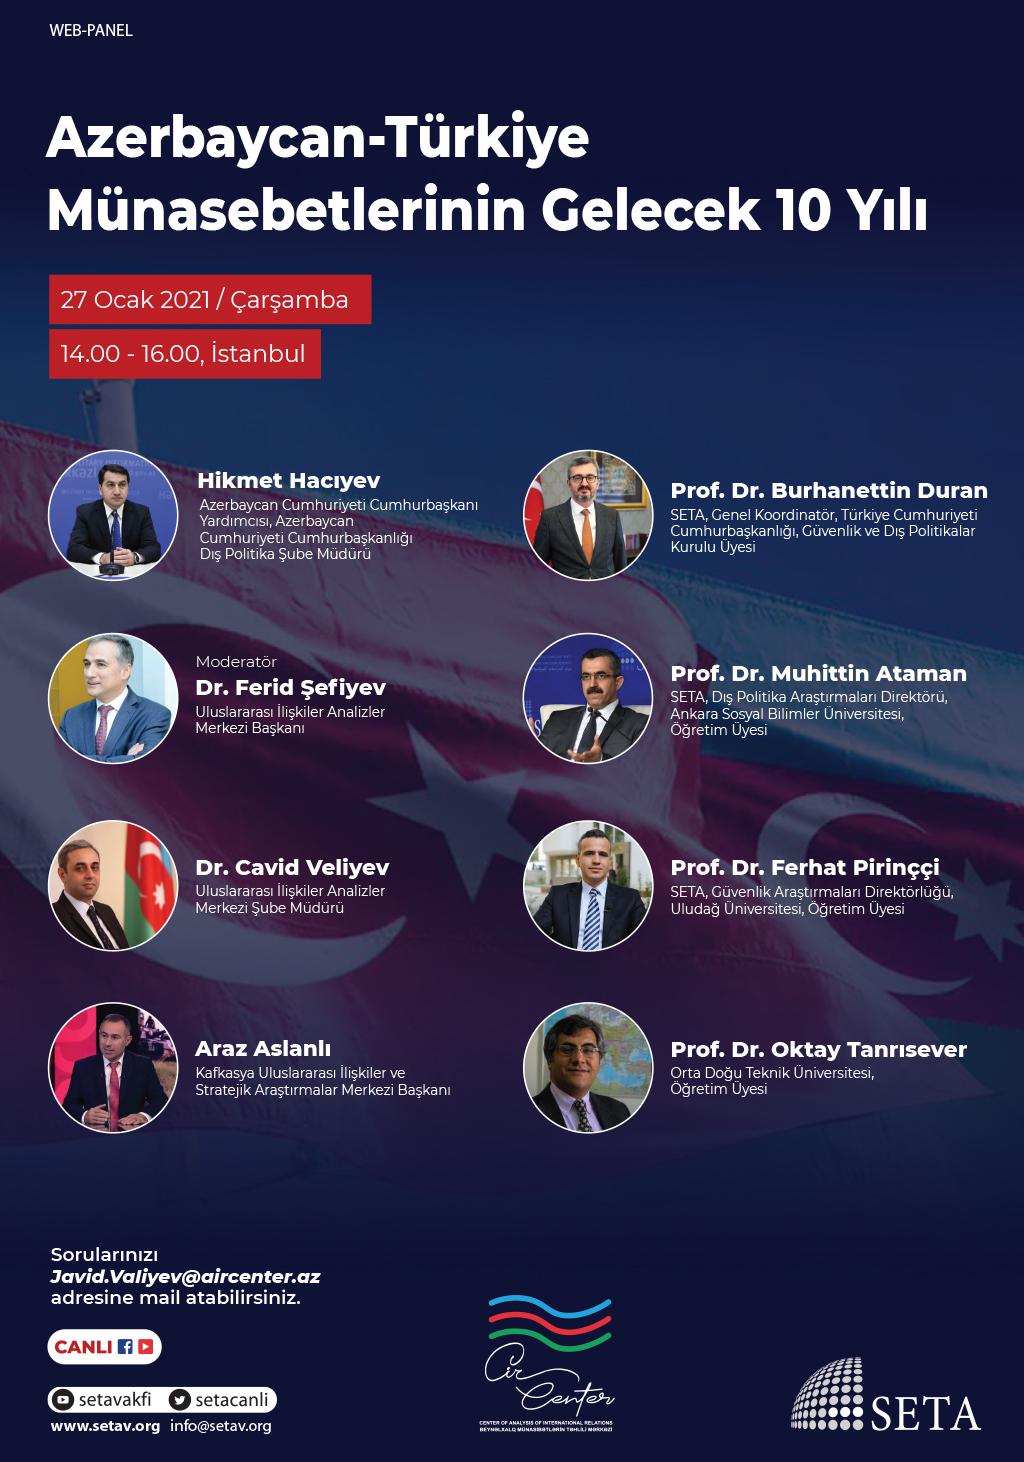 Web Panel: Azerbaycan-Türkiye Münasebetlerinin Gelecek 10 Yılı